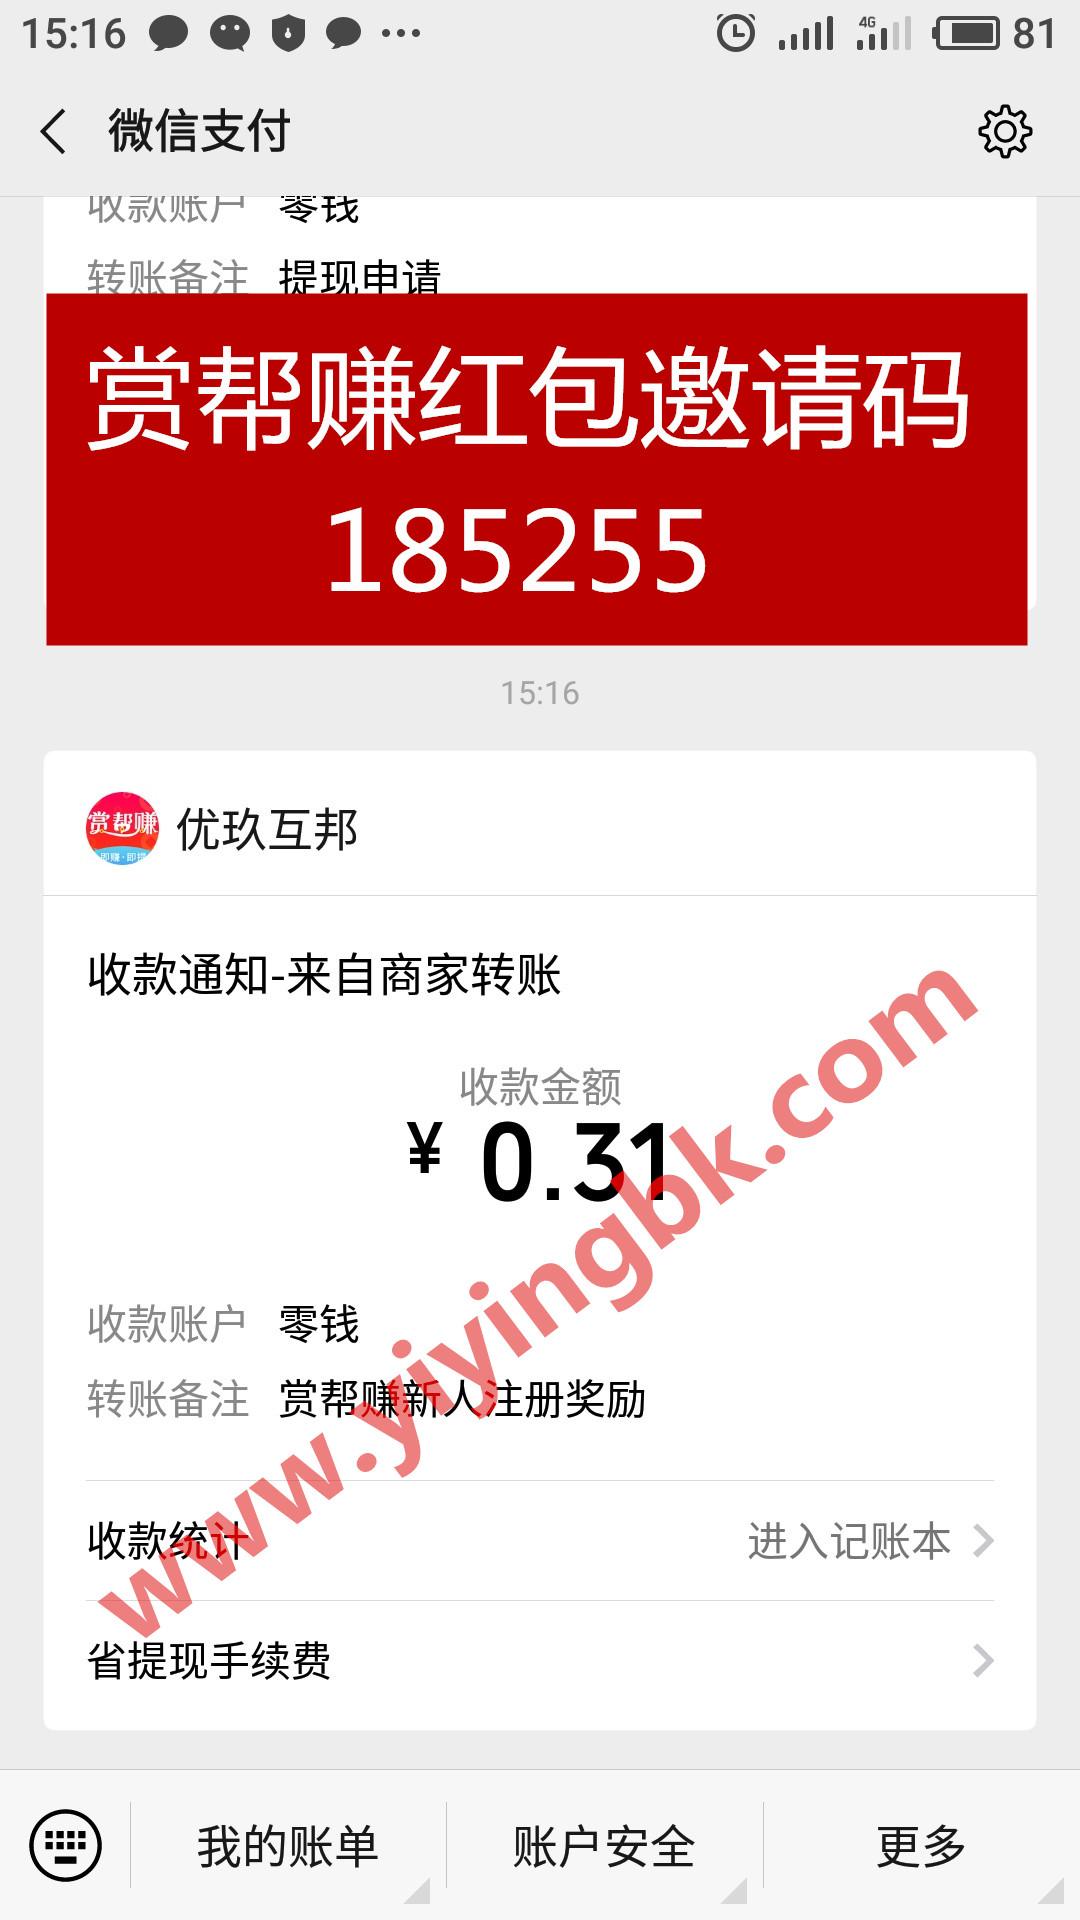 微信登录赏帮赚即领0.3~1元现金红包,www.yiyingbk.com